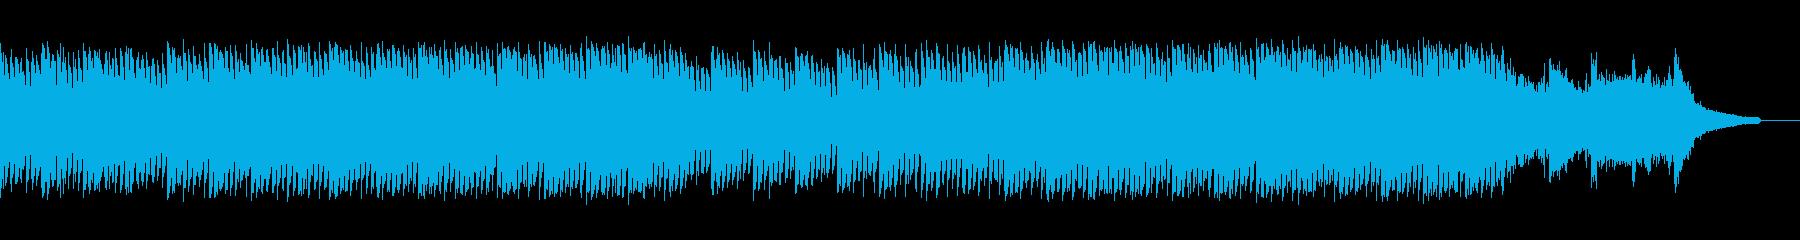 企業VP会社紹介透明感爽やか疾走感A10の再生済みの波形